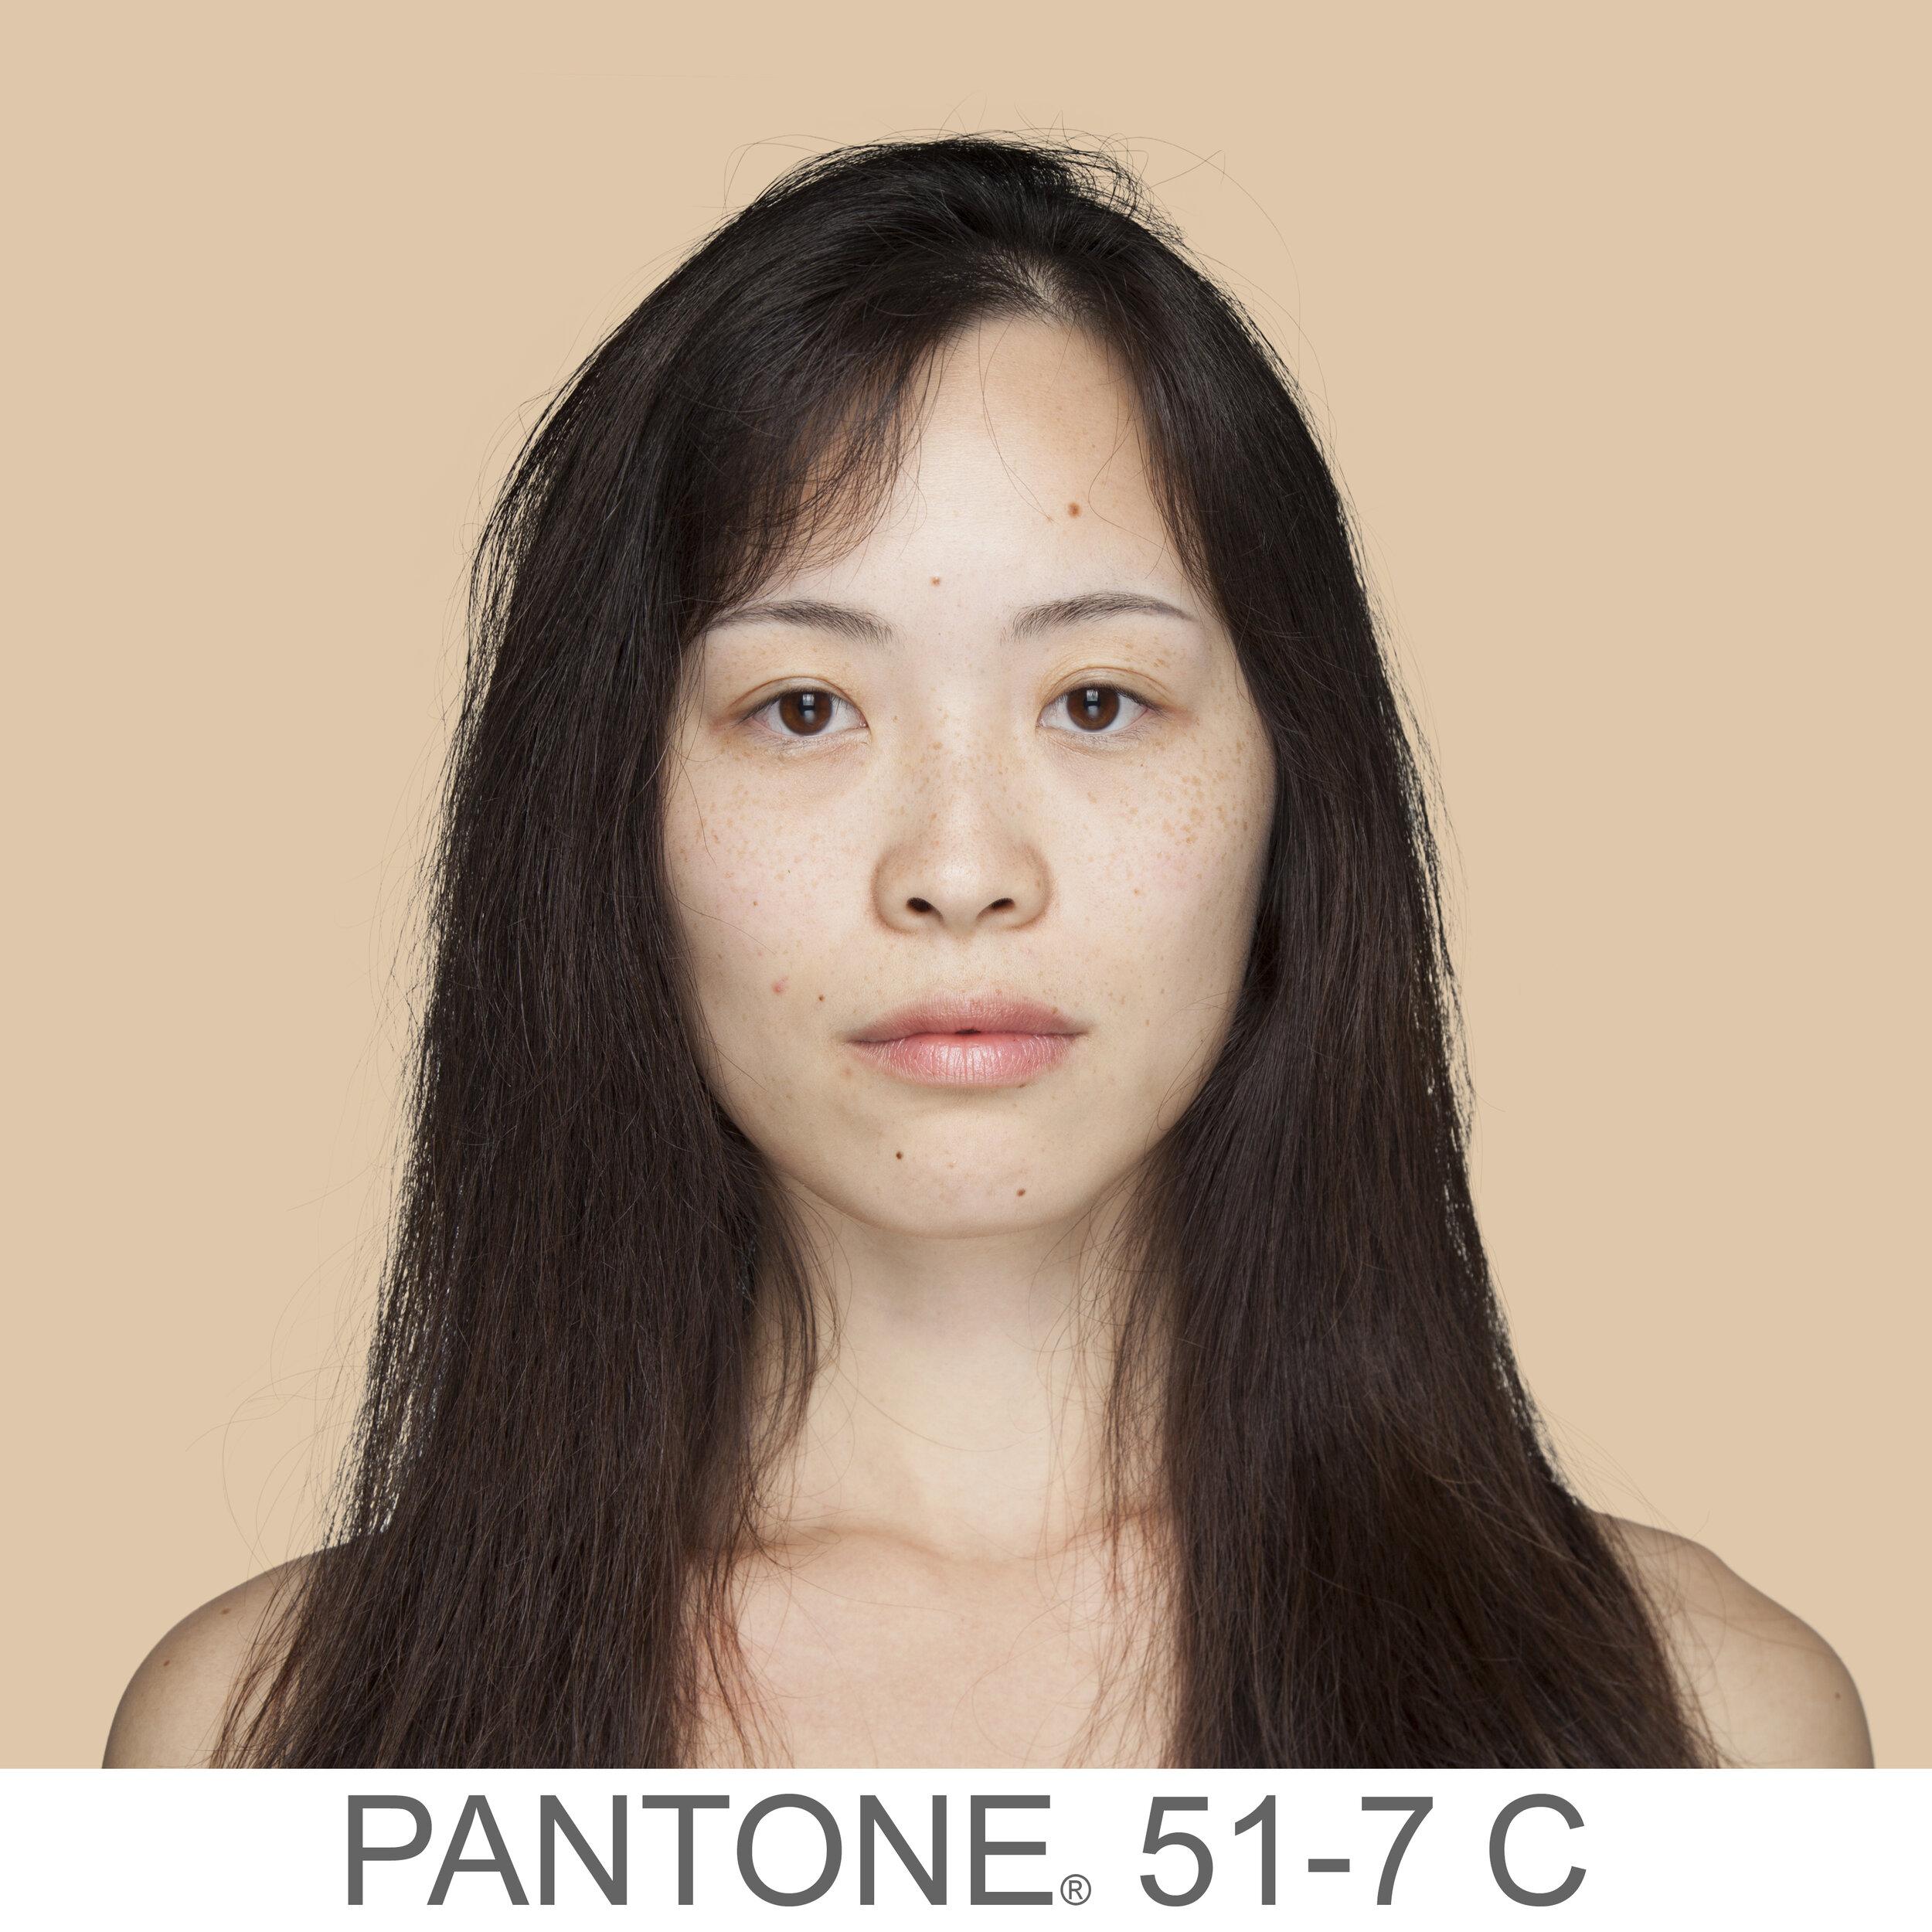 humanae 51-7 C1 CN copia.jpg